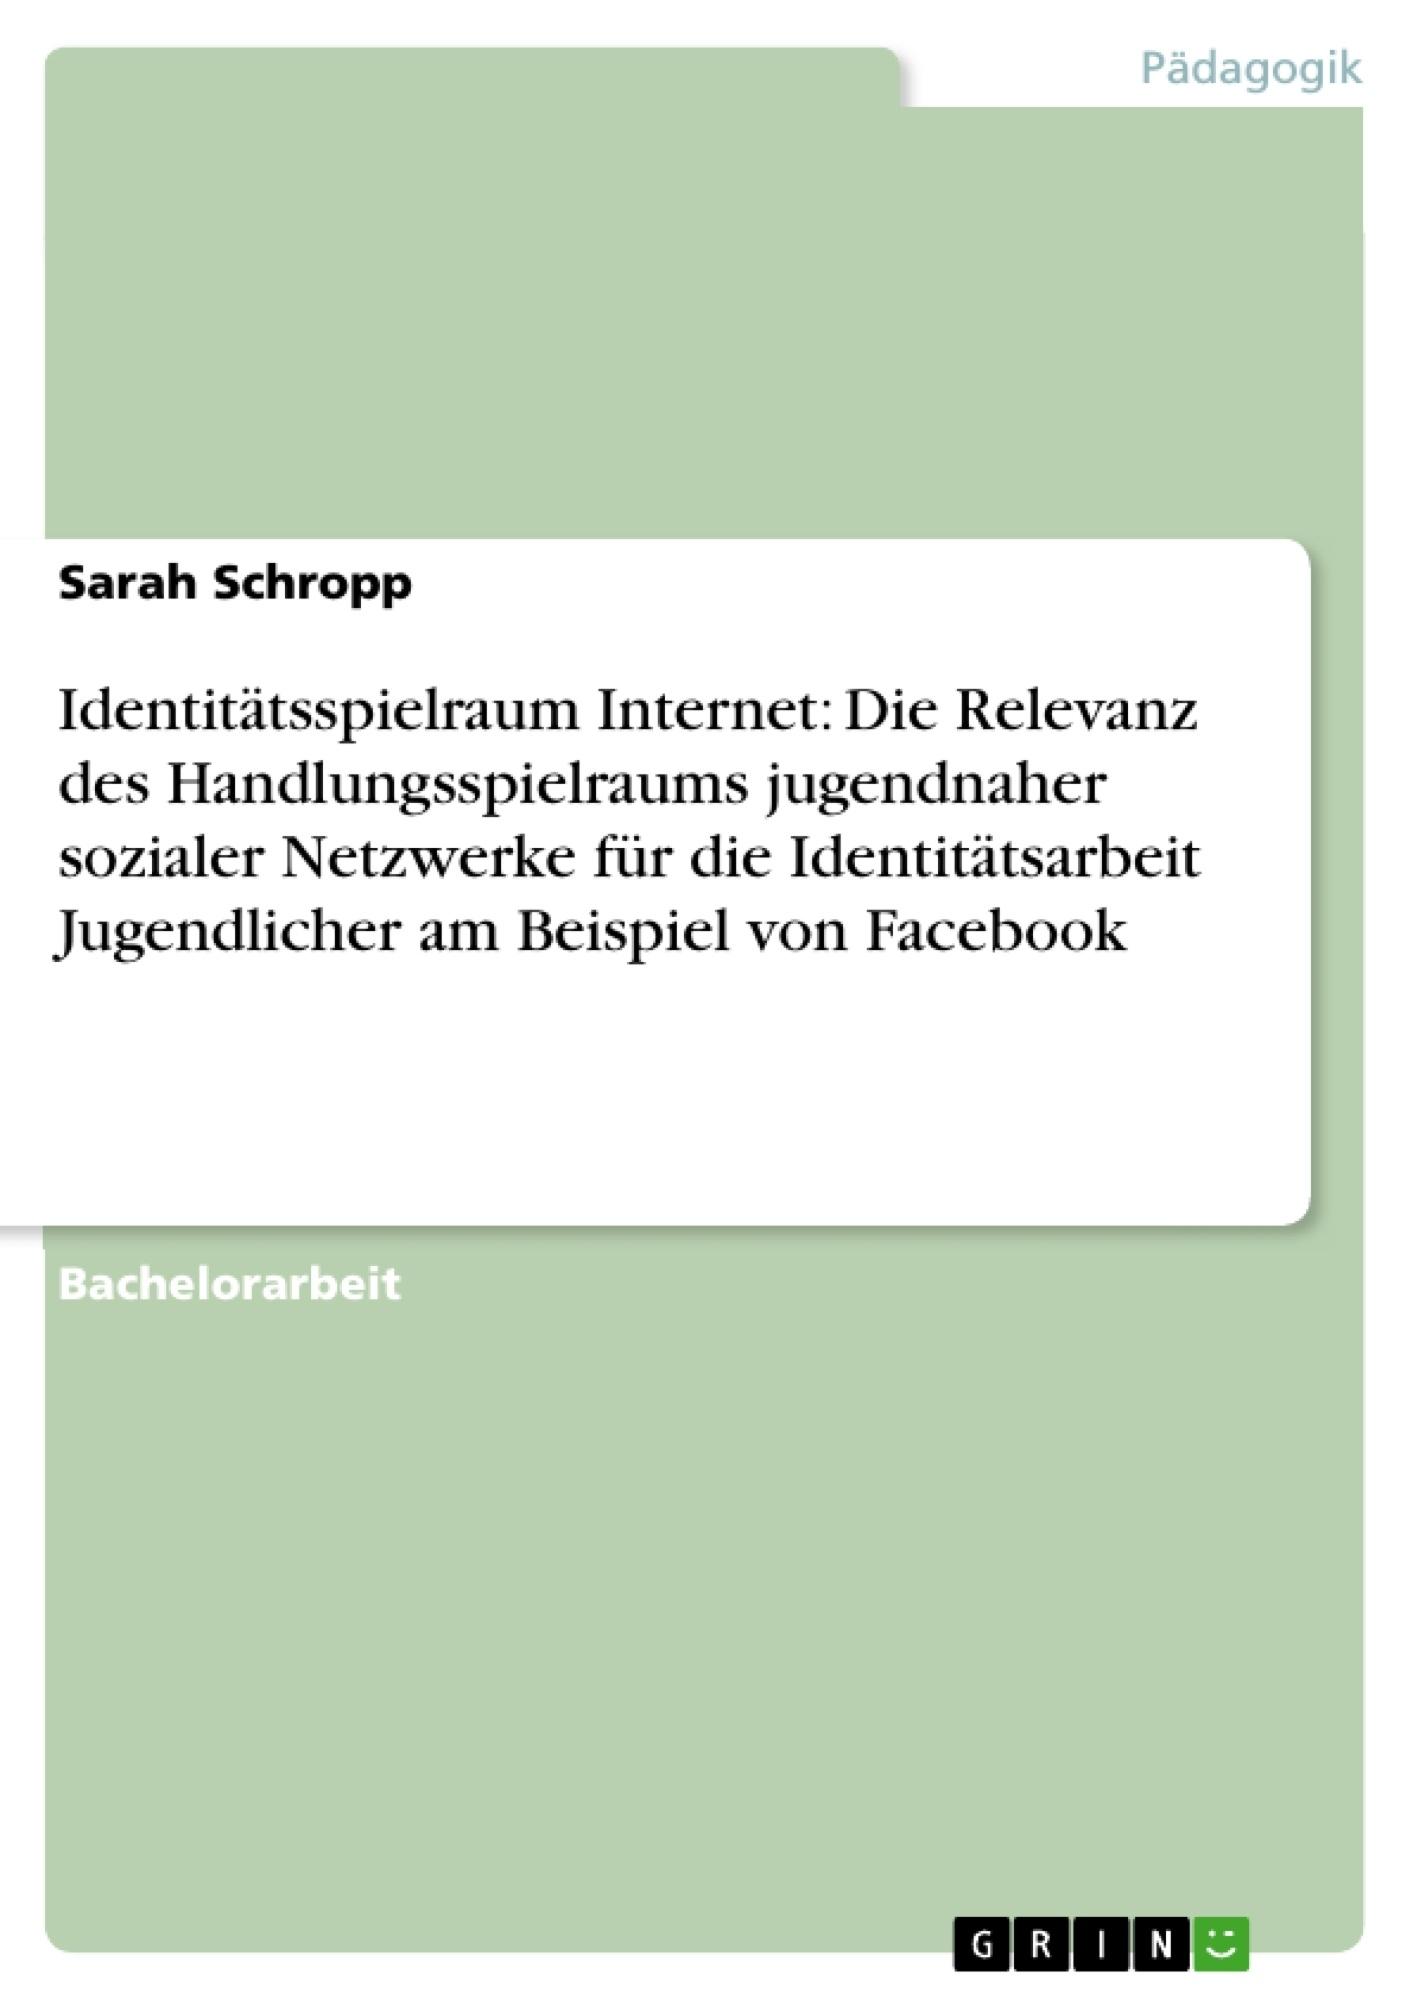 Titel: Identitätsspielraum Internet: Die Relevanz des Handlungsspielraums jugendnaher sozialer Netzwerke für die Identitätsarbeit Jugendlicher am Beispiel von Facebook